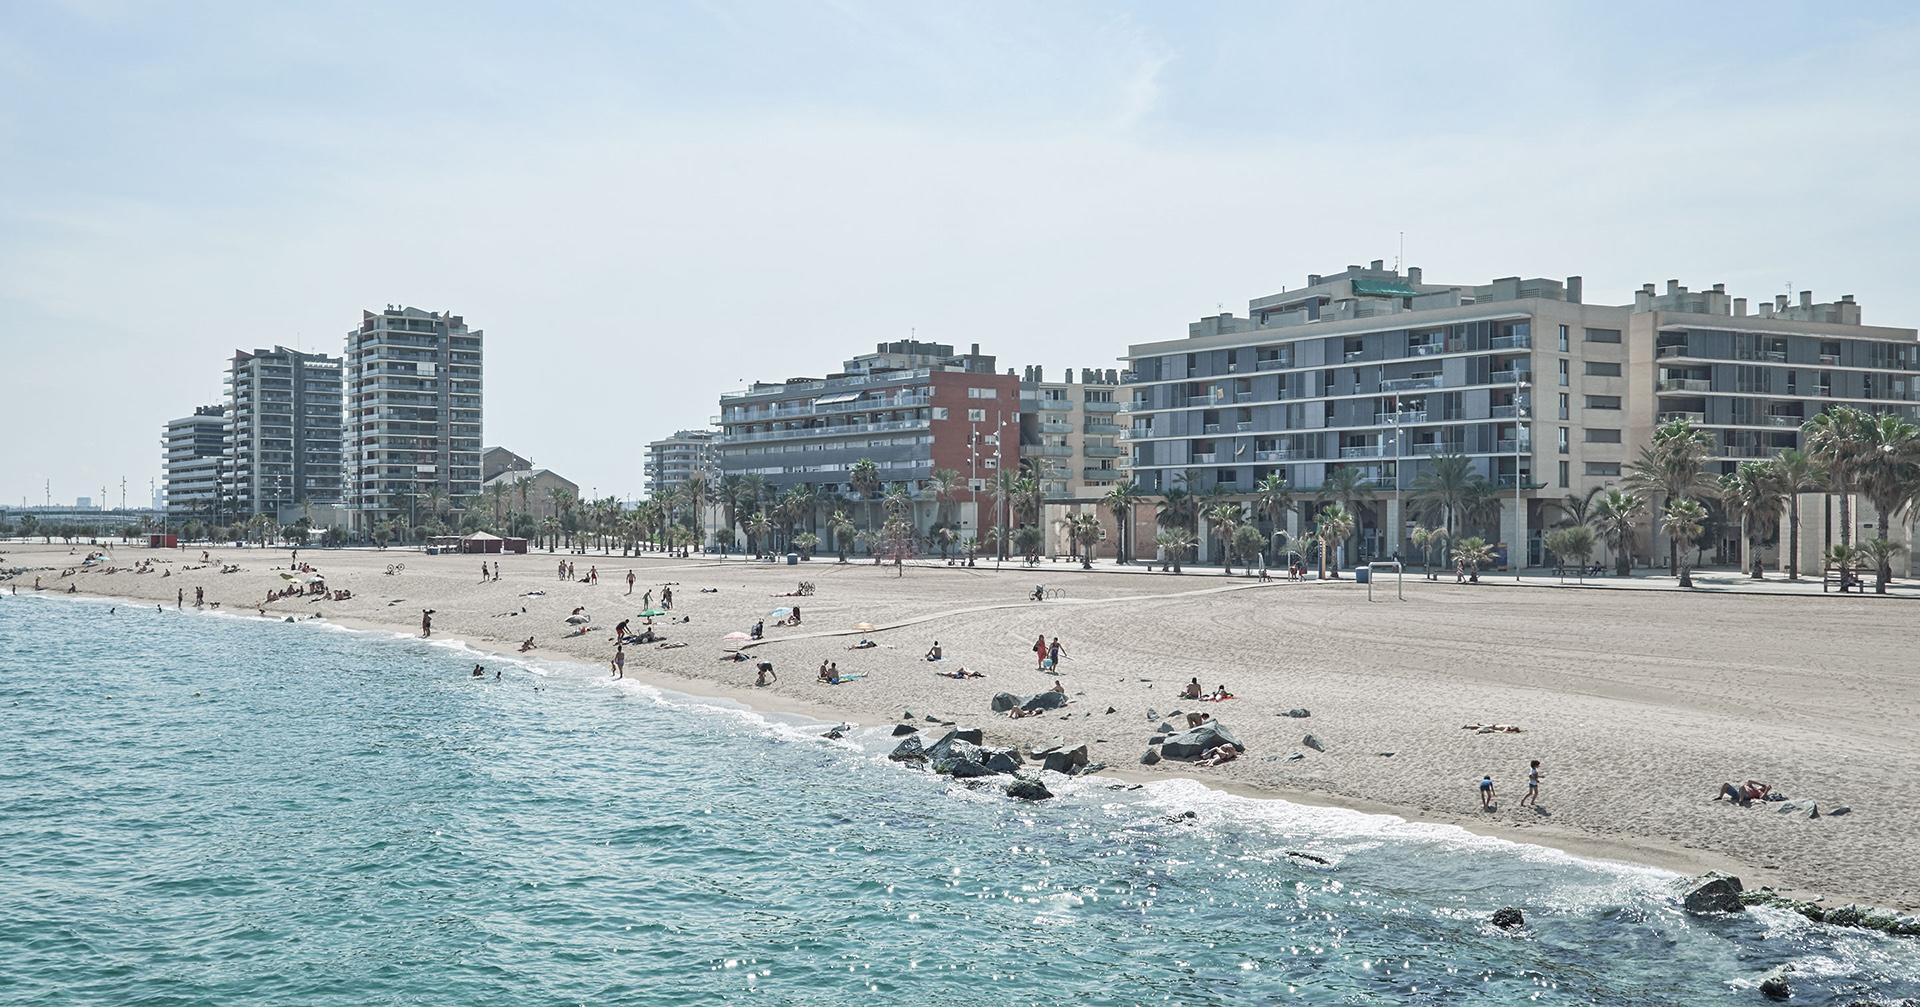 Badalona's beach in Barcelona